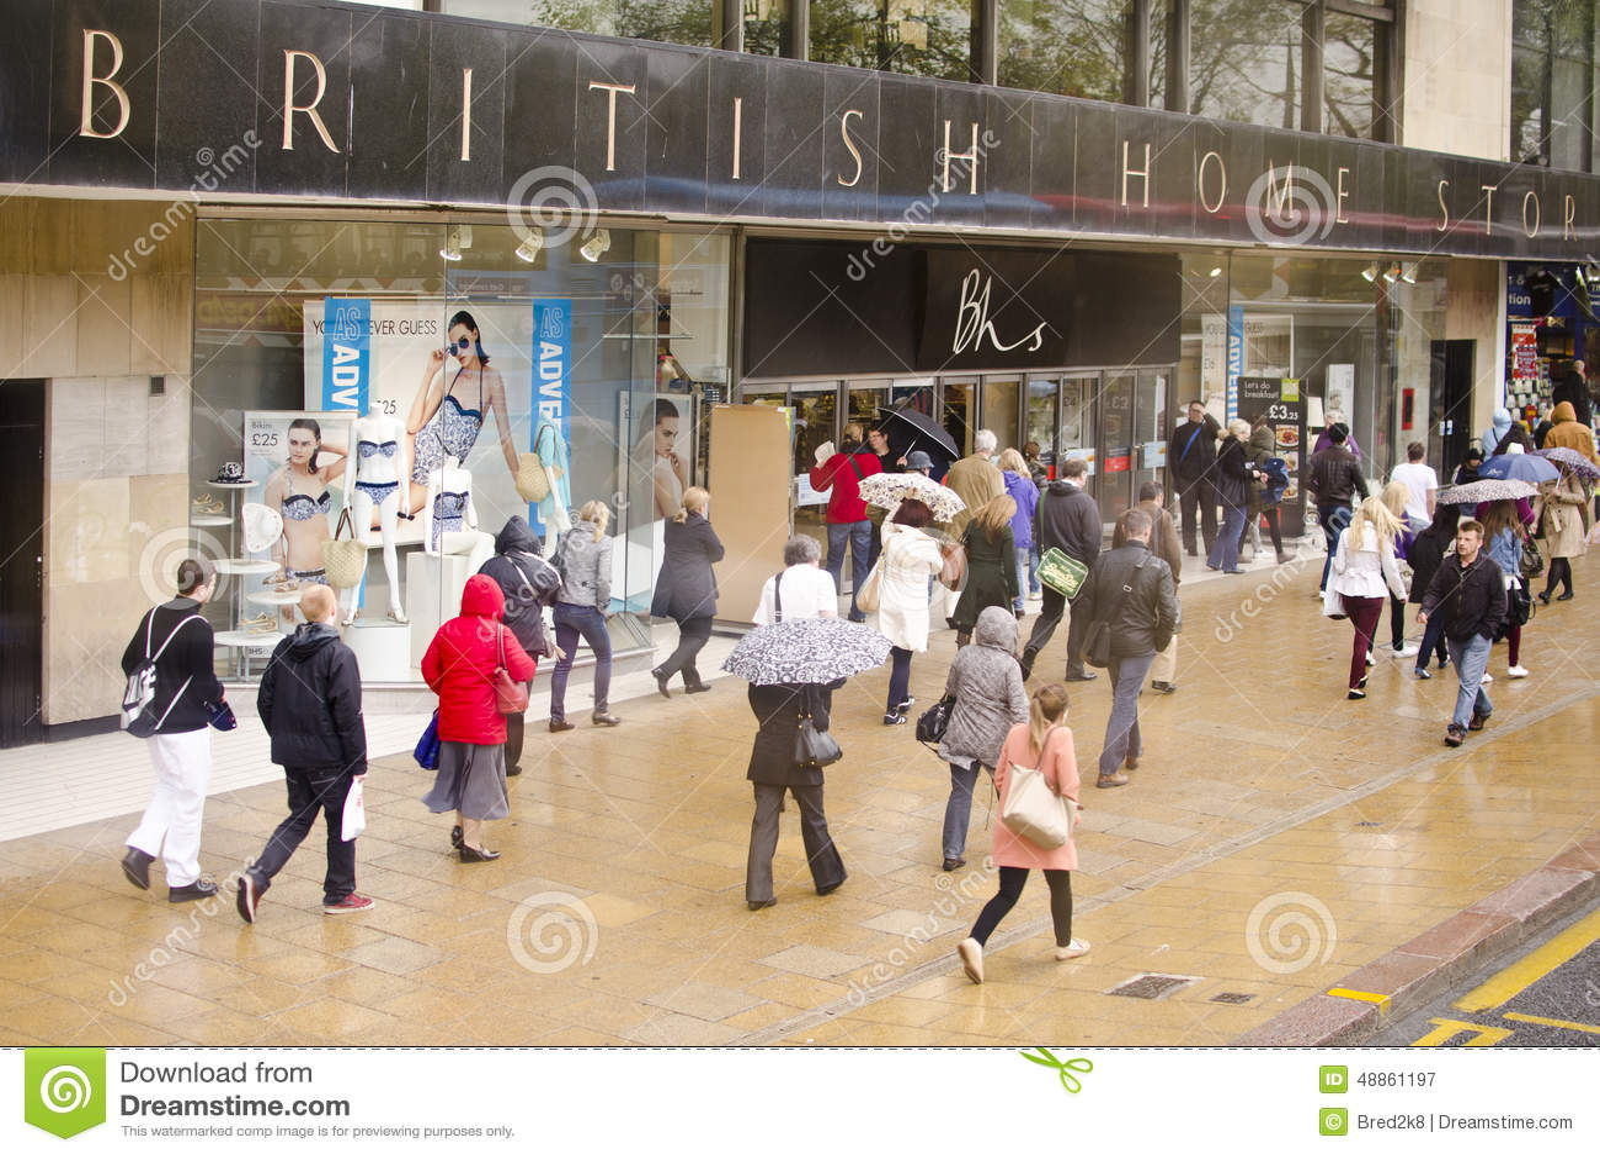 British clothing store